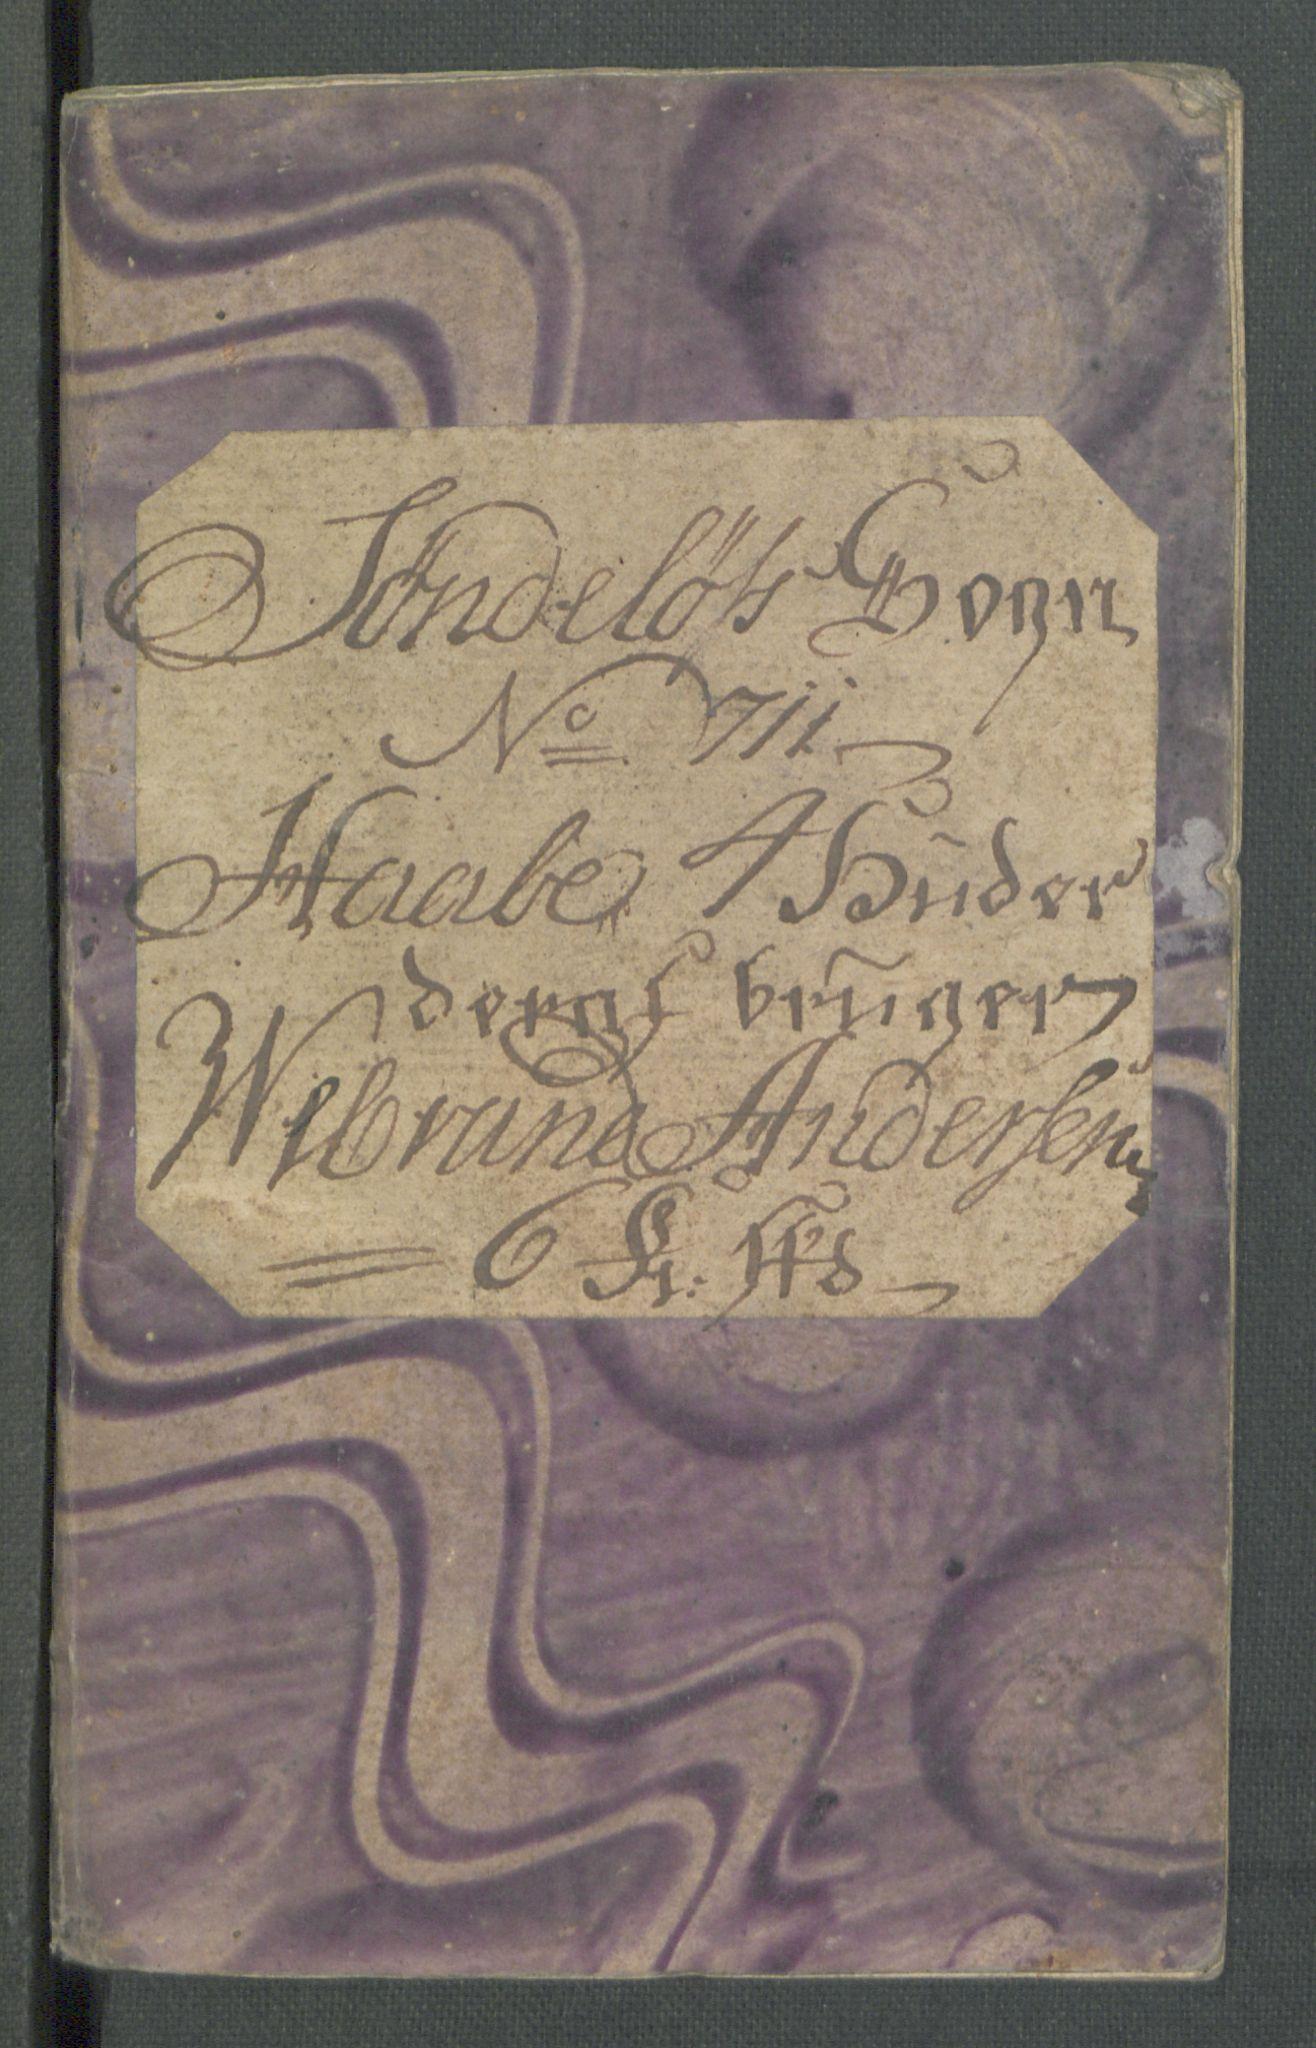 RA, Rentekammeret inntil 1814, Realistisk ordnet avdeling, Od/L0001: Oppløp, 1786-1769, s. 421